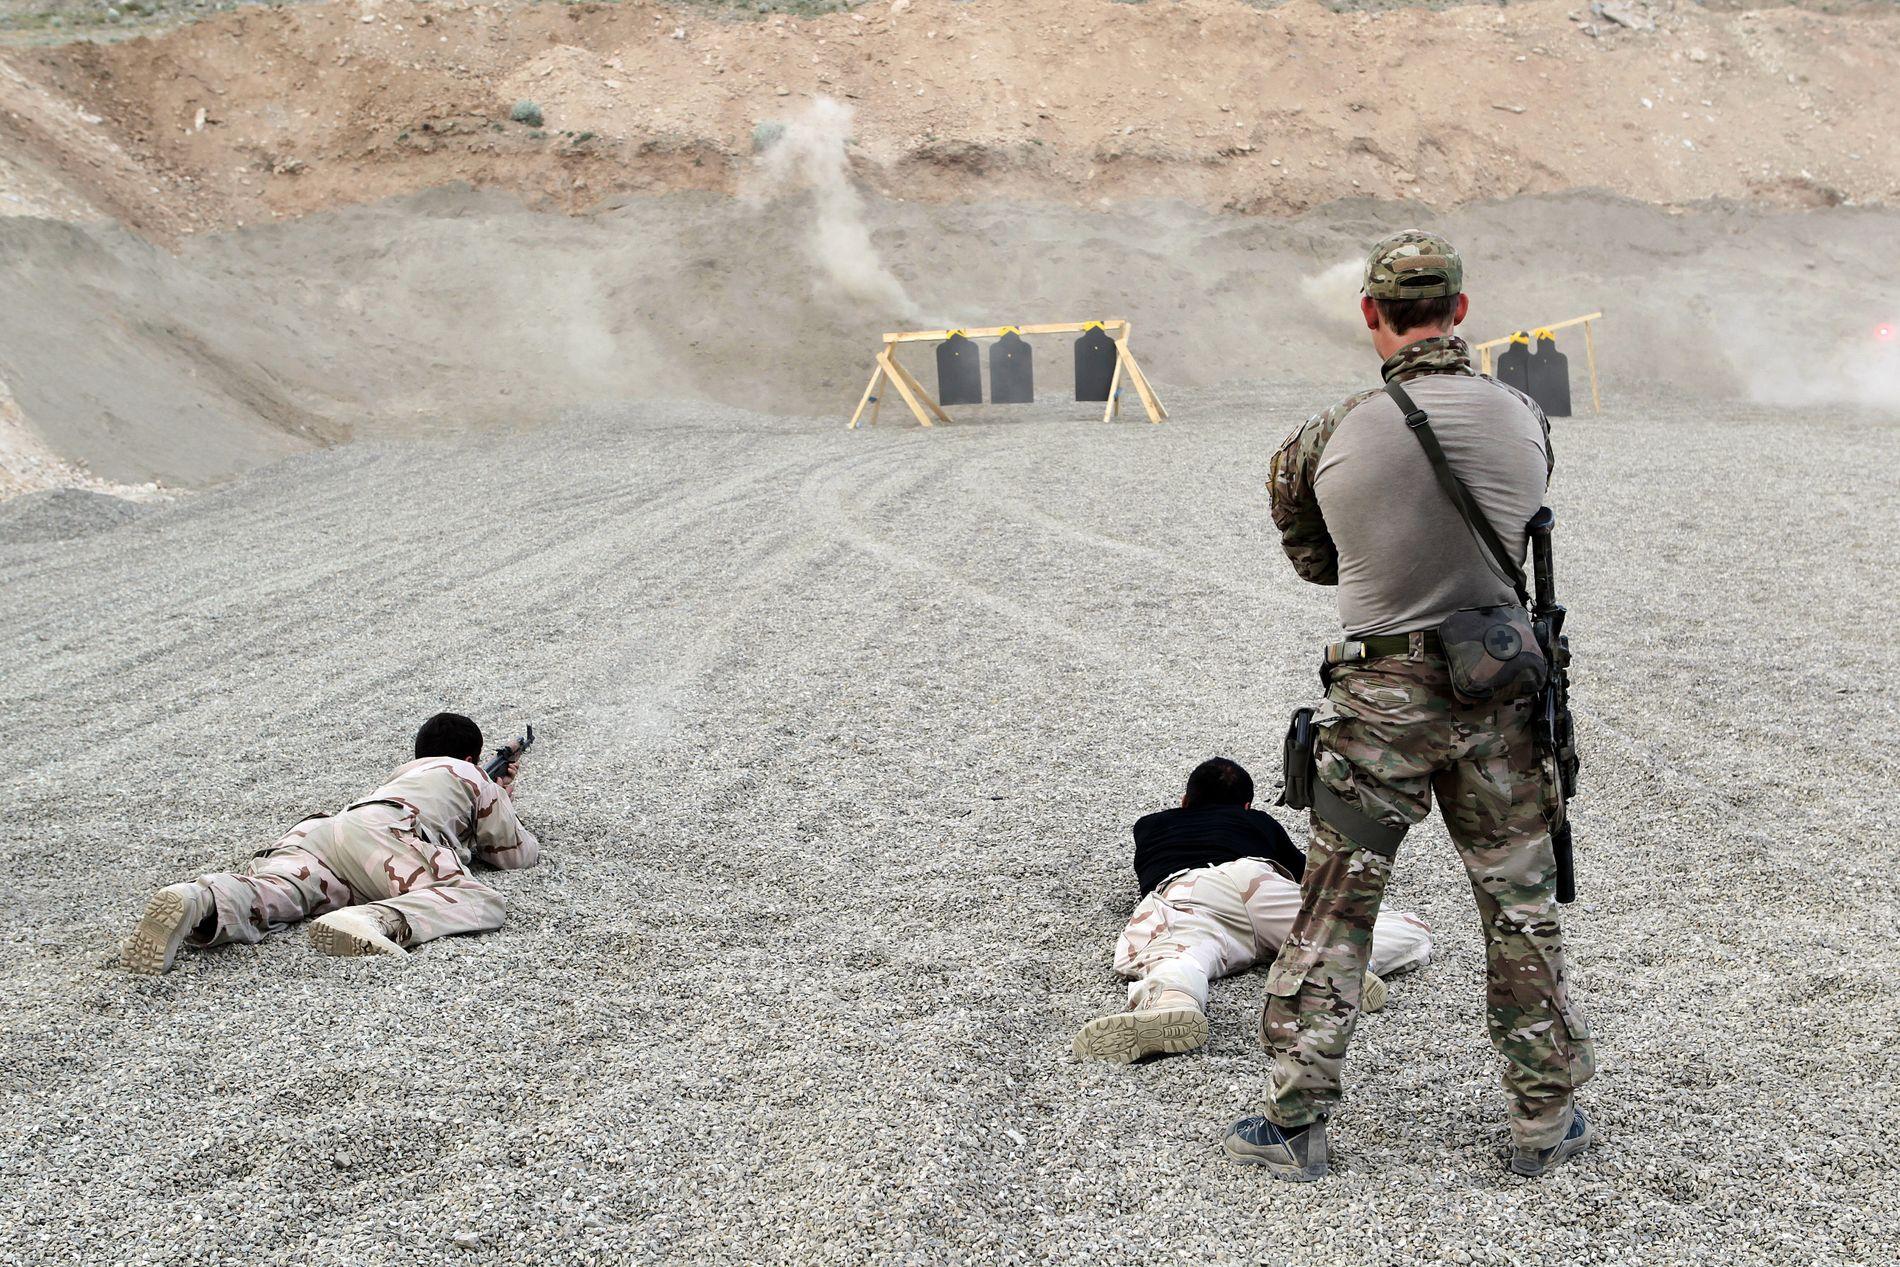 SKYTETRENING: I Kabul har de norske spesialsoldatene tilbrakt mye tid på skytebanen sammen med sine afghanske kolleger fra det afghanske spesialpoltiet Crisis Response Unit (CRU) - som på bildet. Slik blir det trolig også i Jordan.